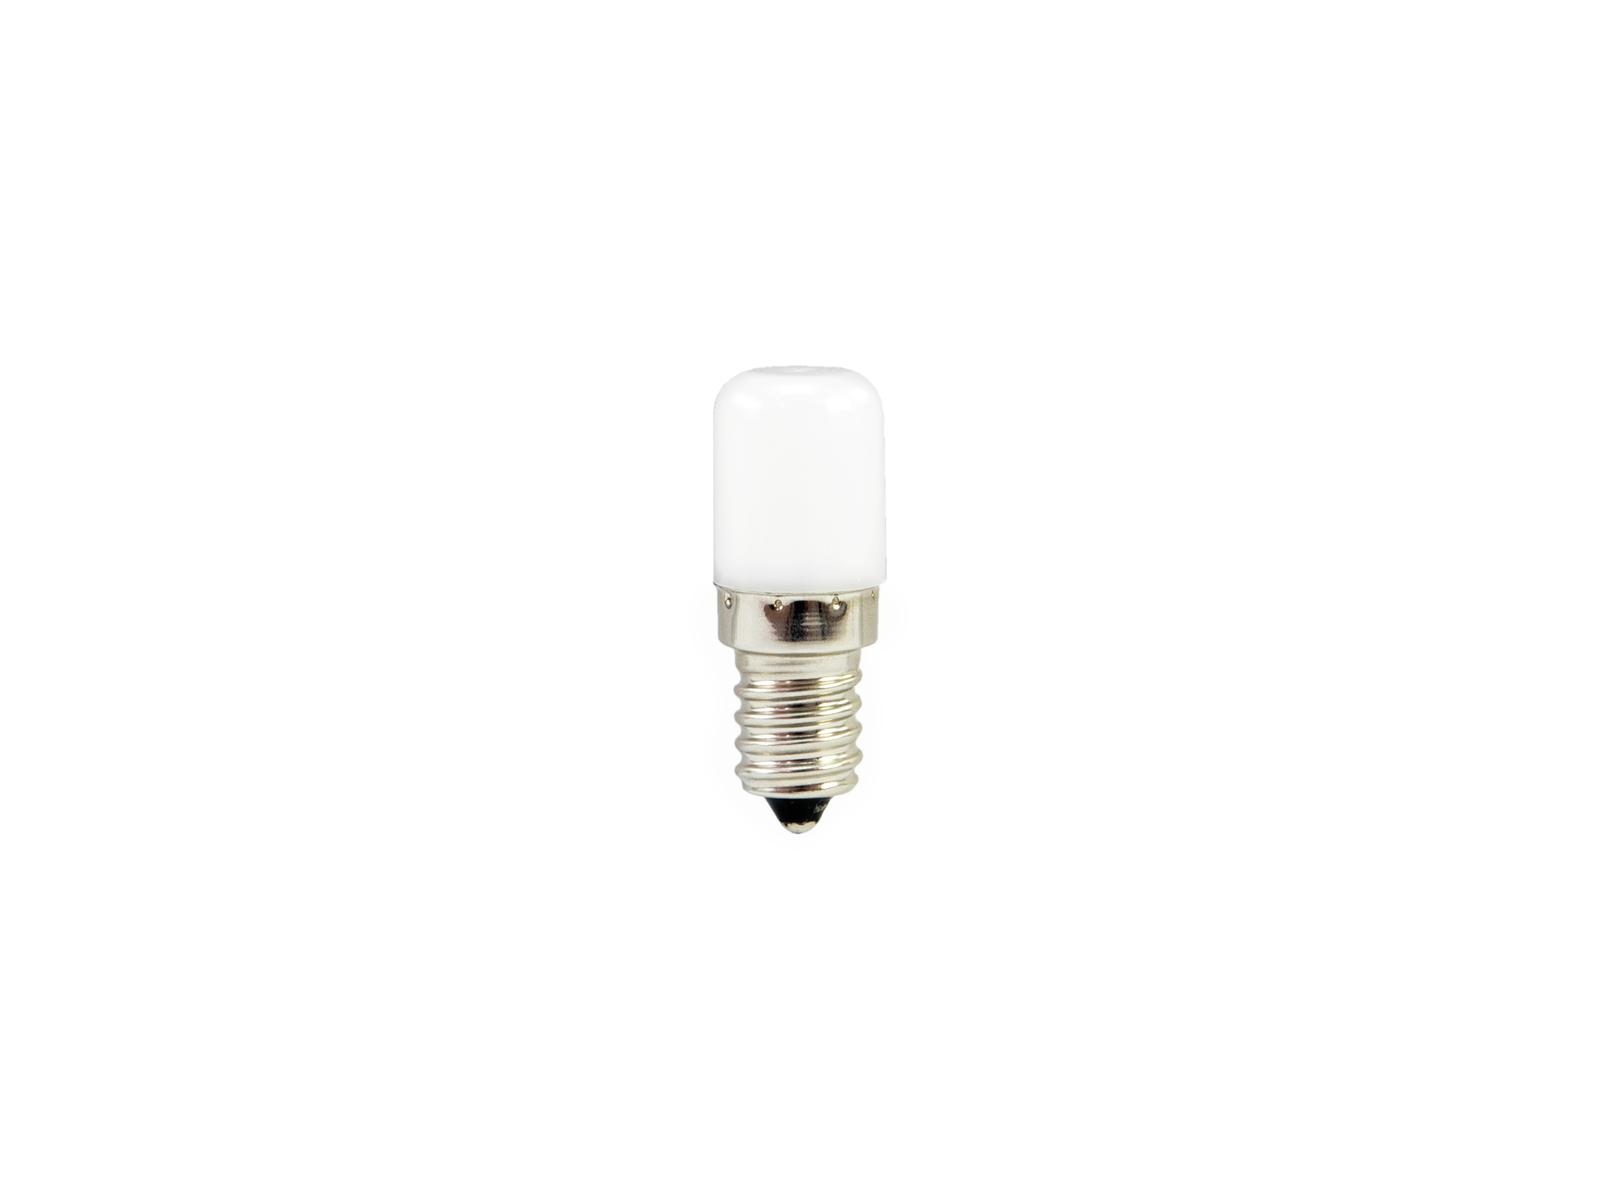 OMNILUX LED Mini Lampada 230V E-14 2700K